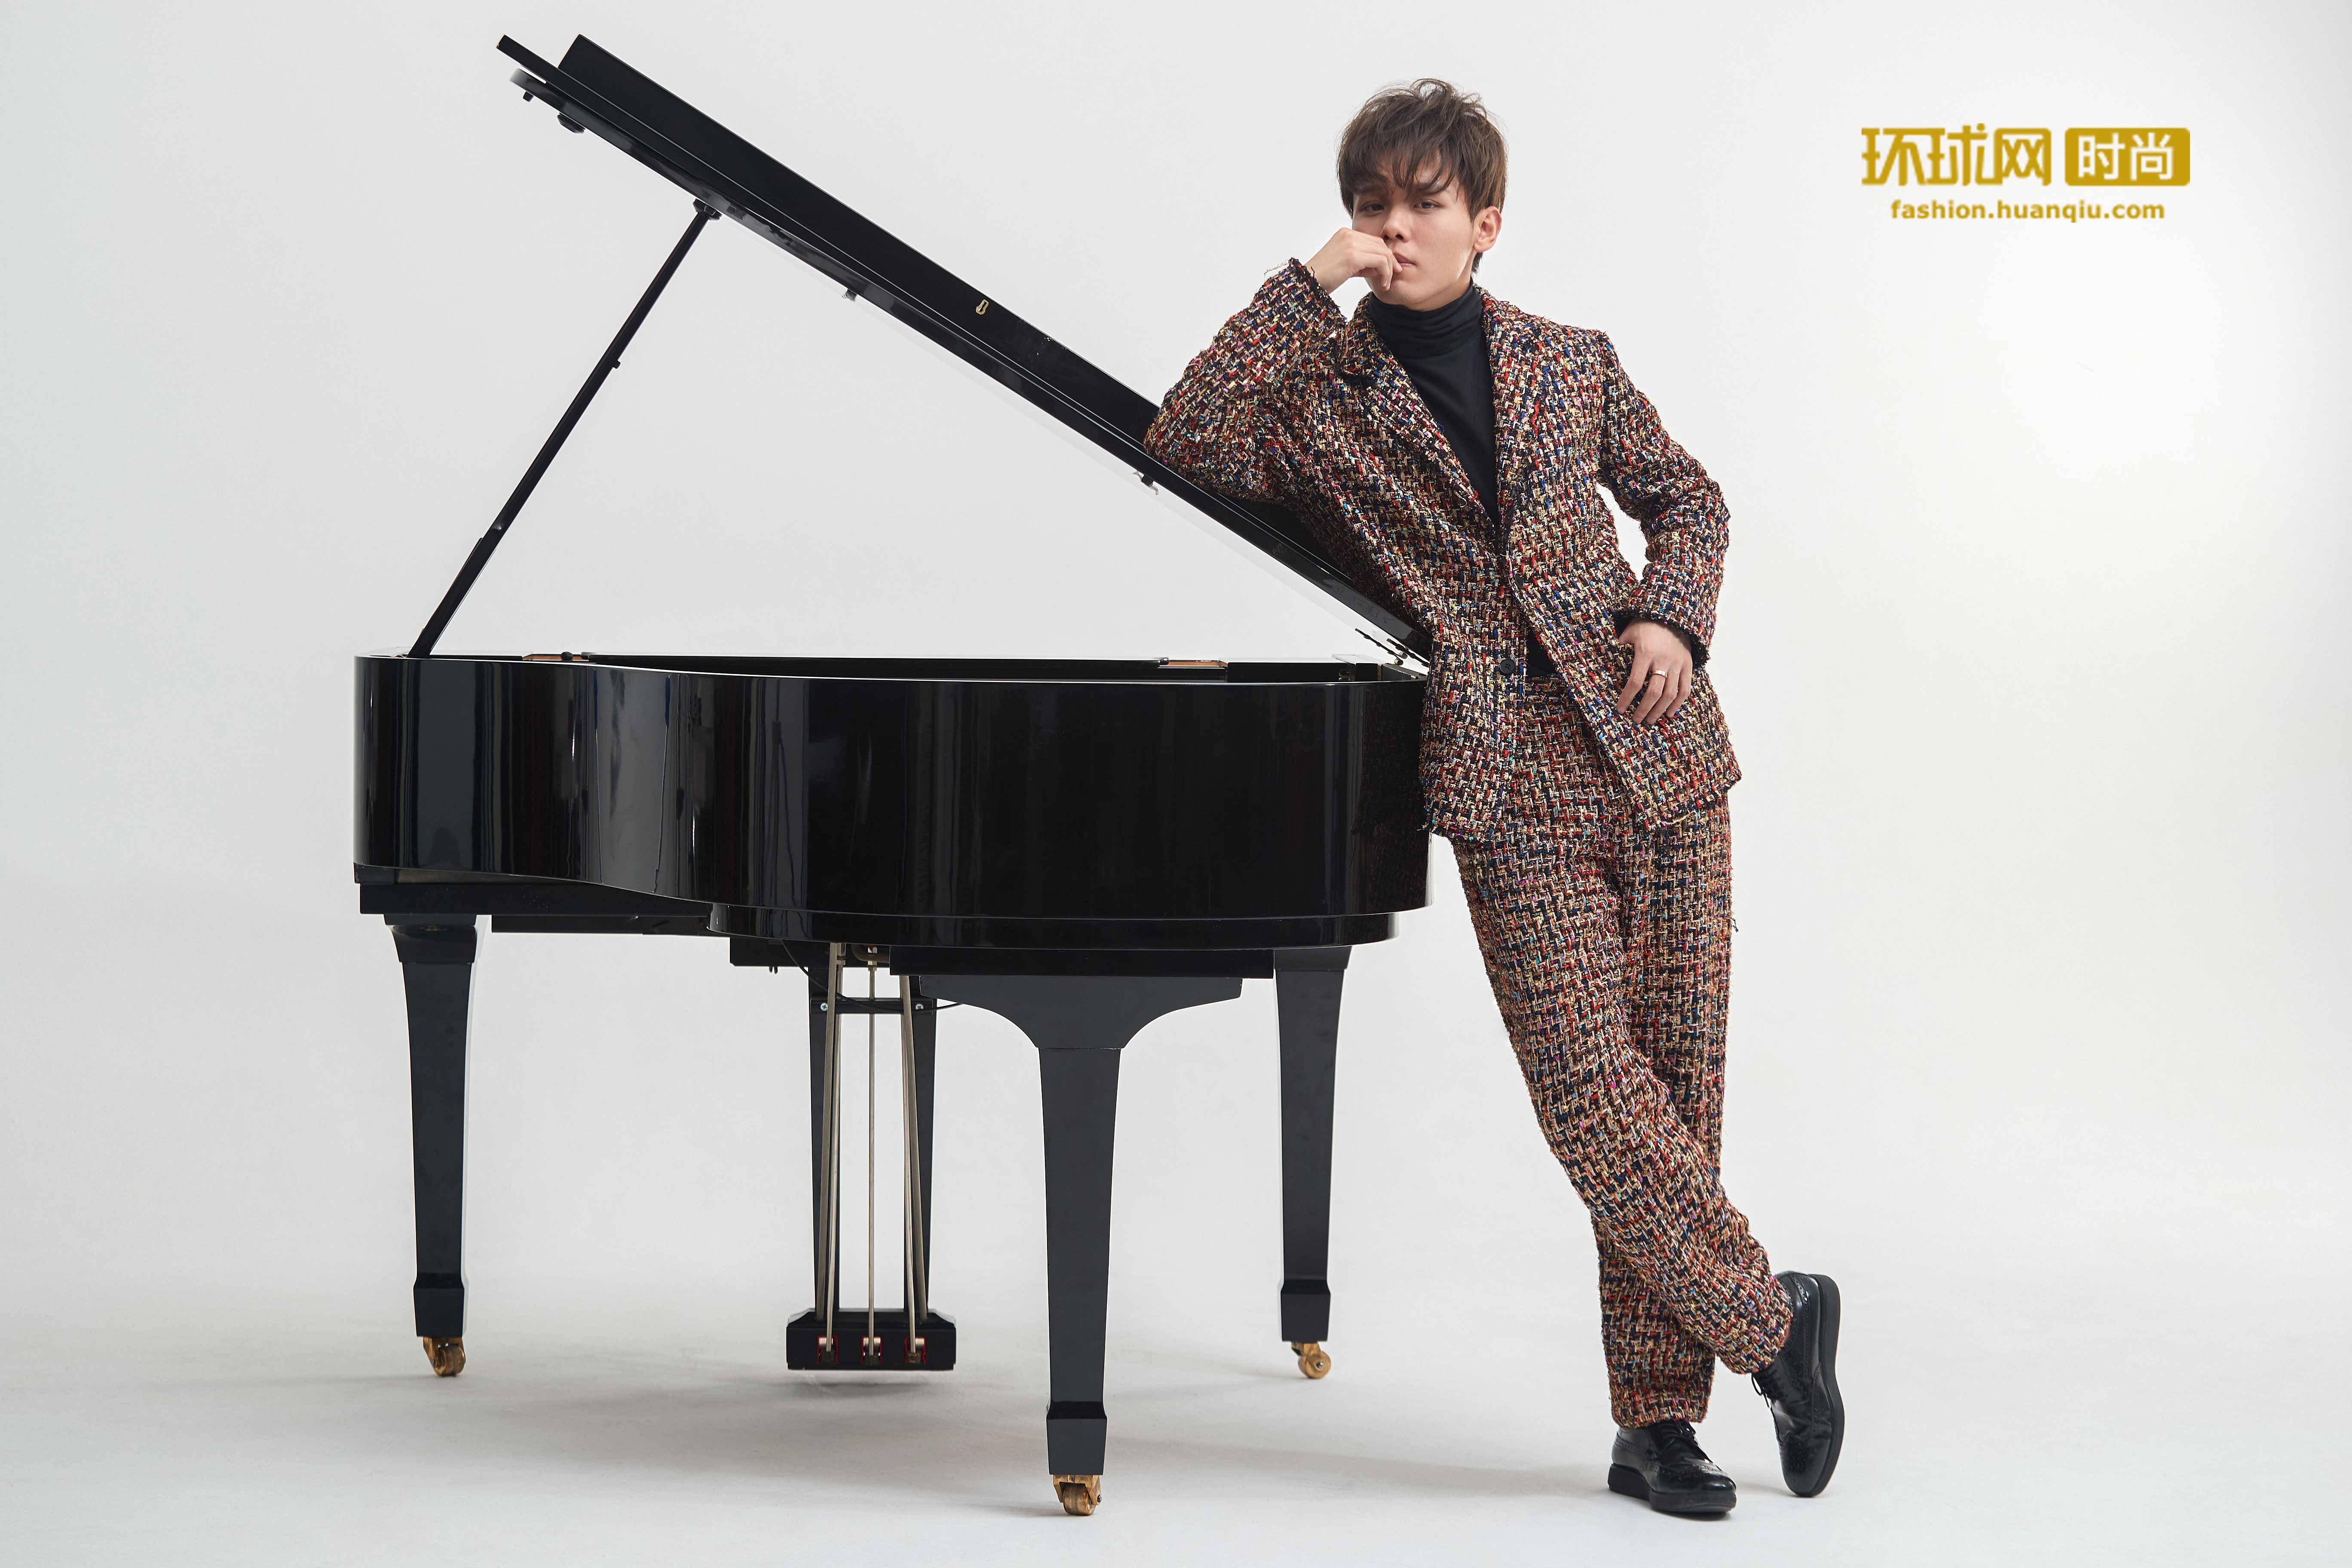 王超&宋宇航:钢琴家·钢铁侠